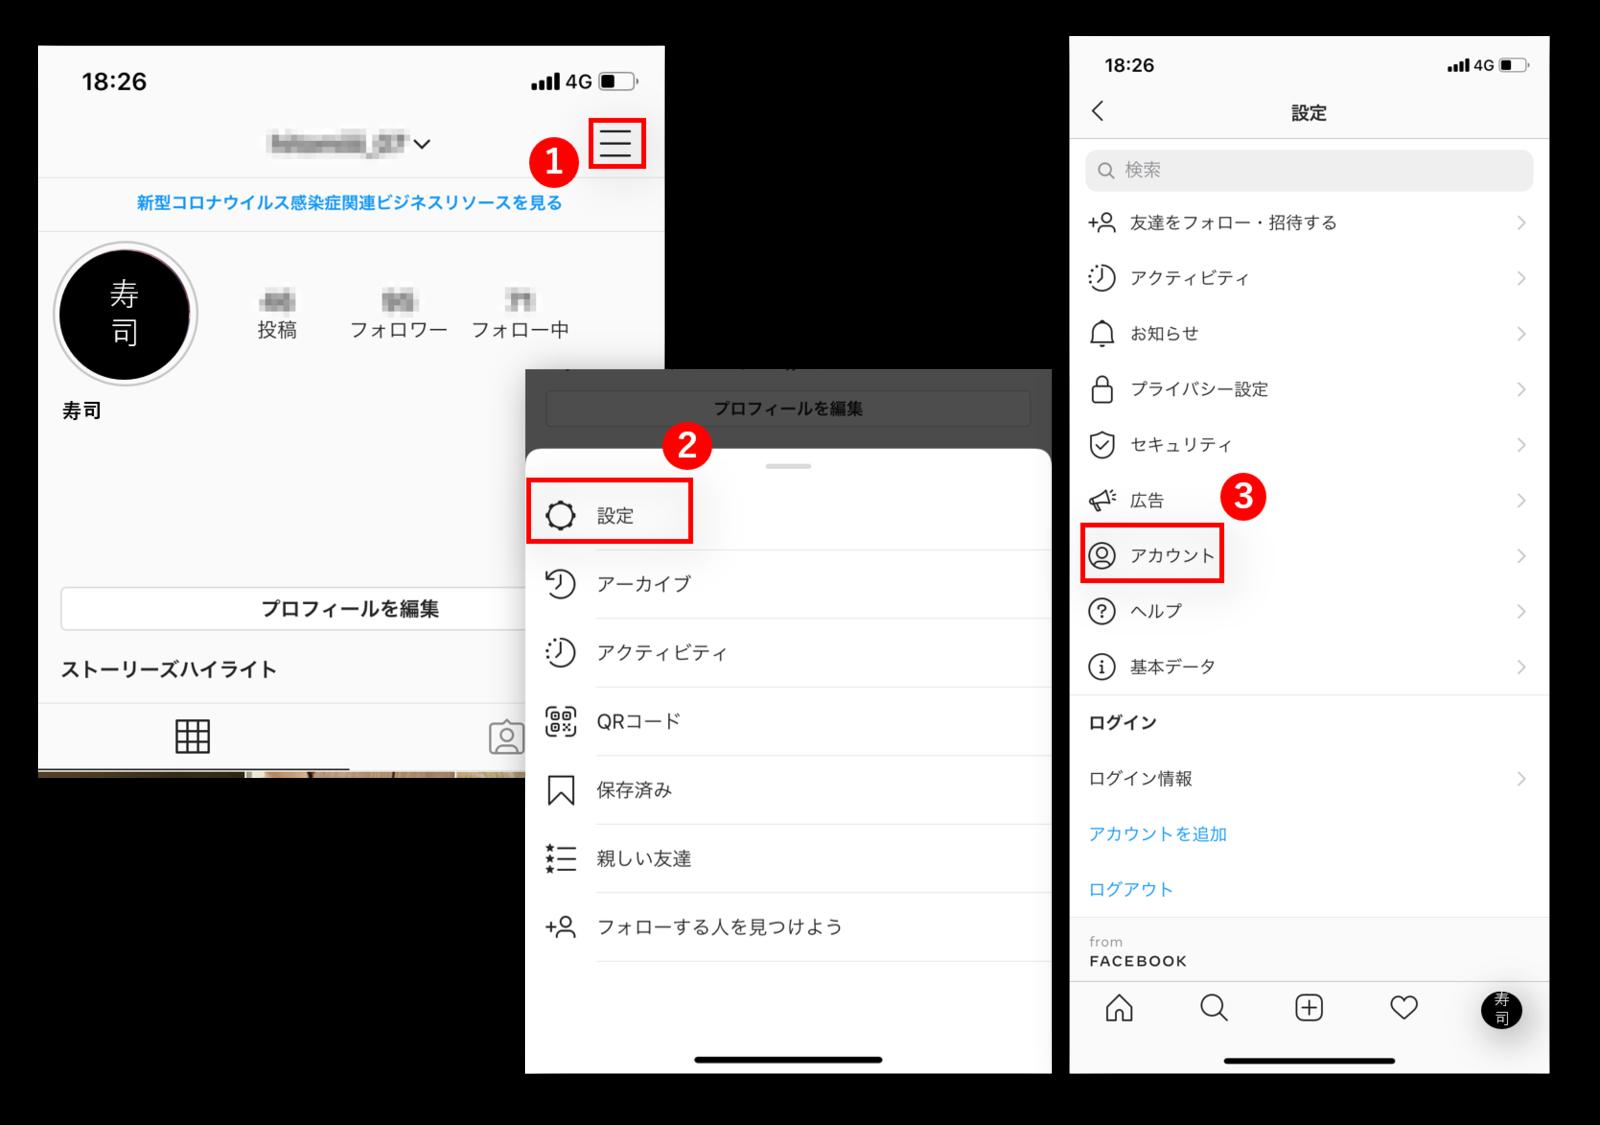 f:id:tentsu_media:20200706131213p:plain